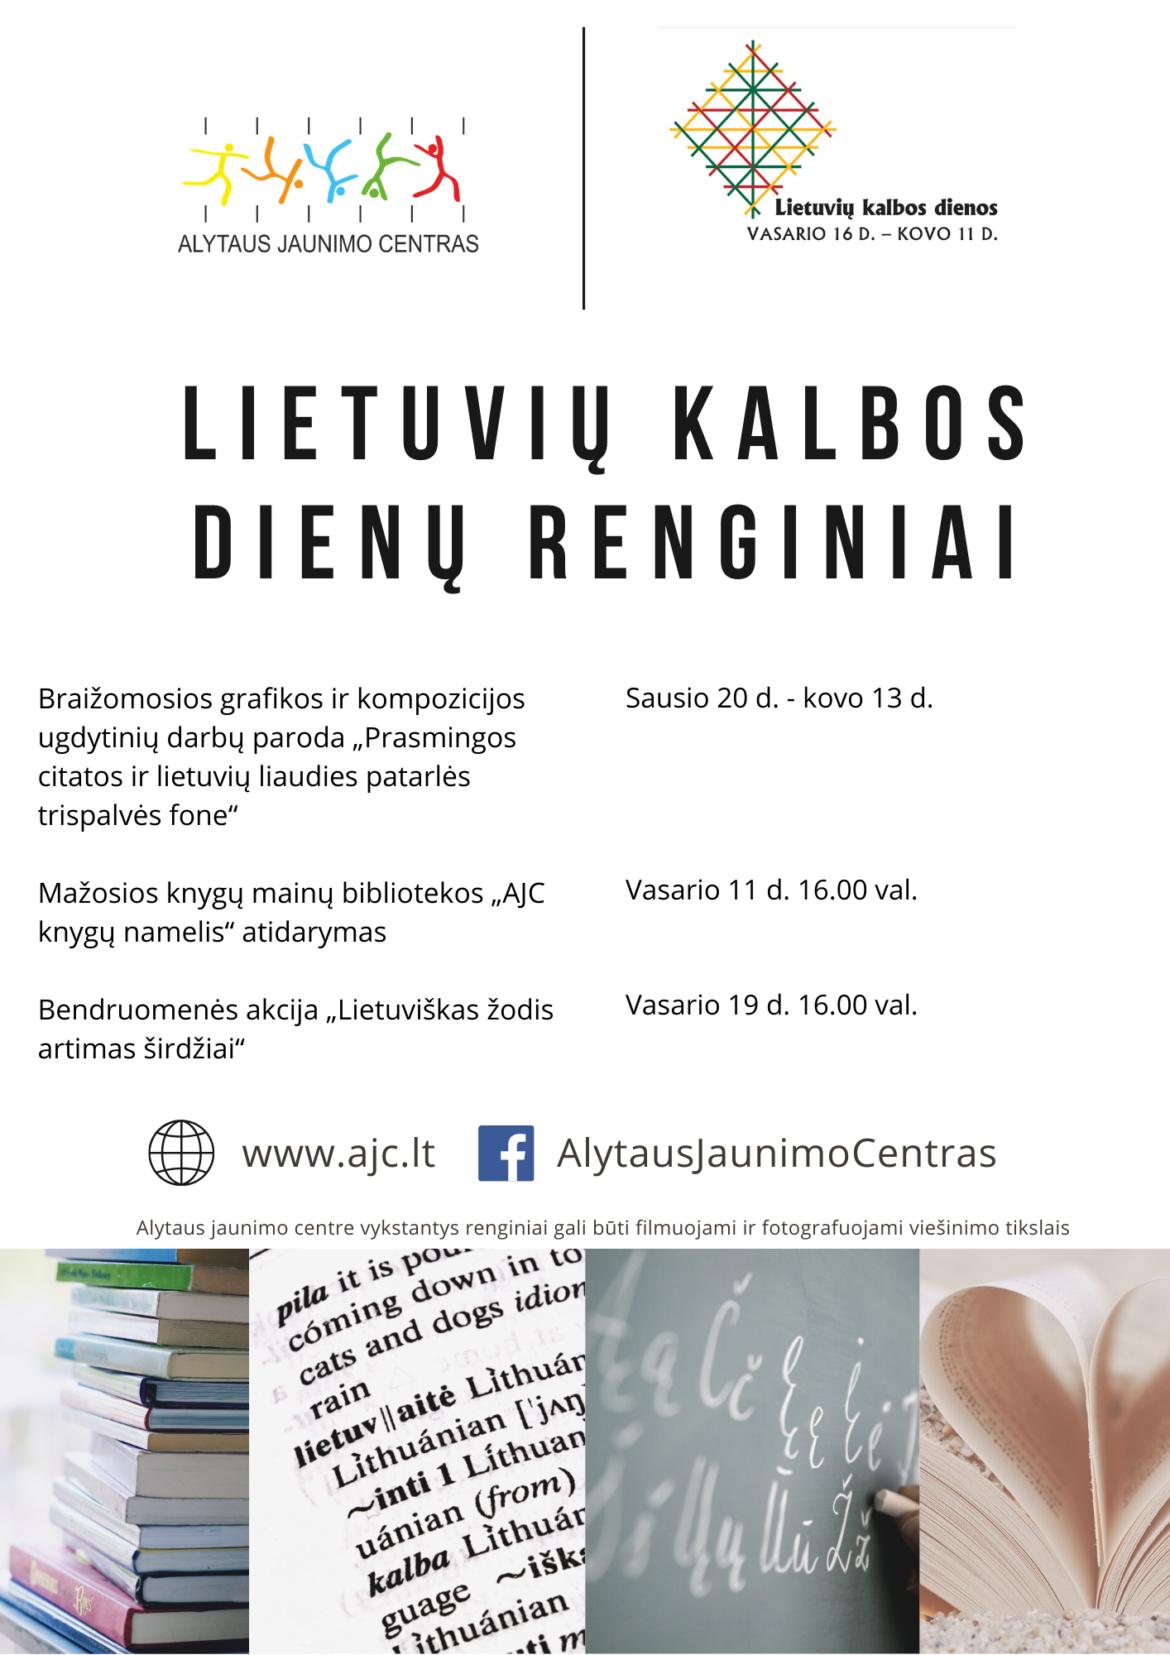 Lietuvių kalbos dienų renginiai Alytaus jaunimo centre